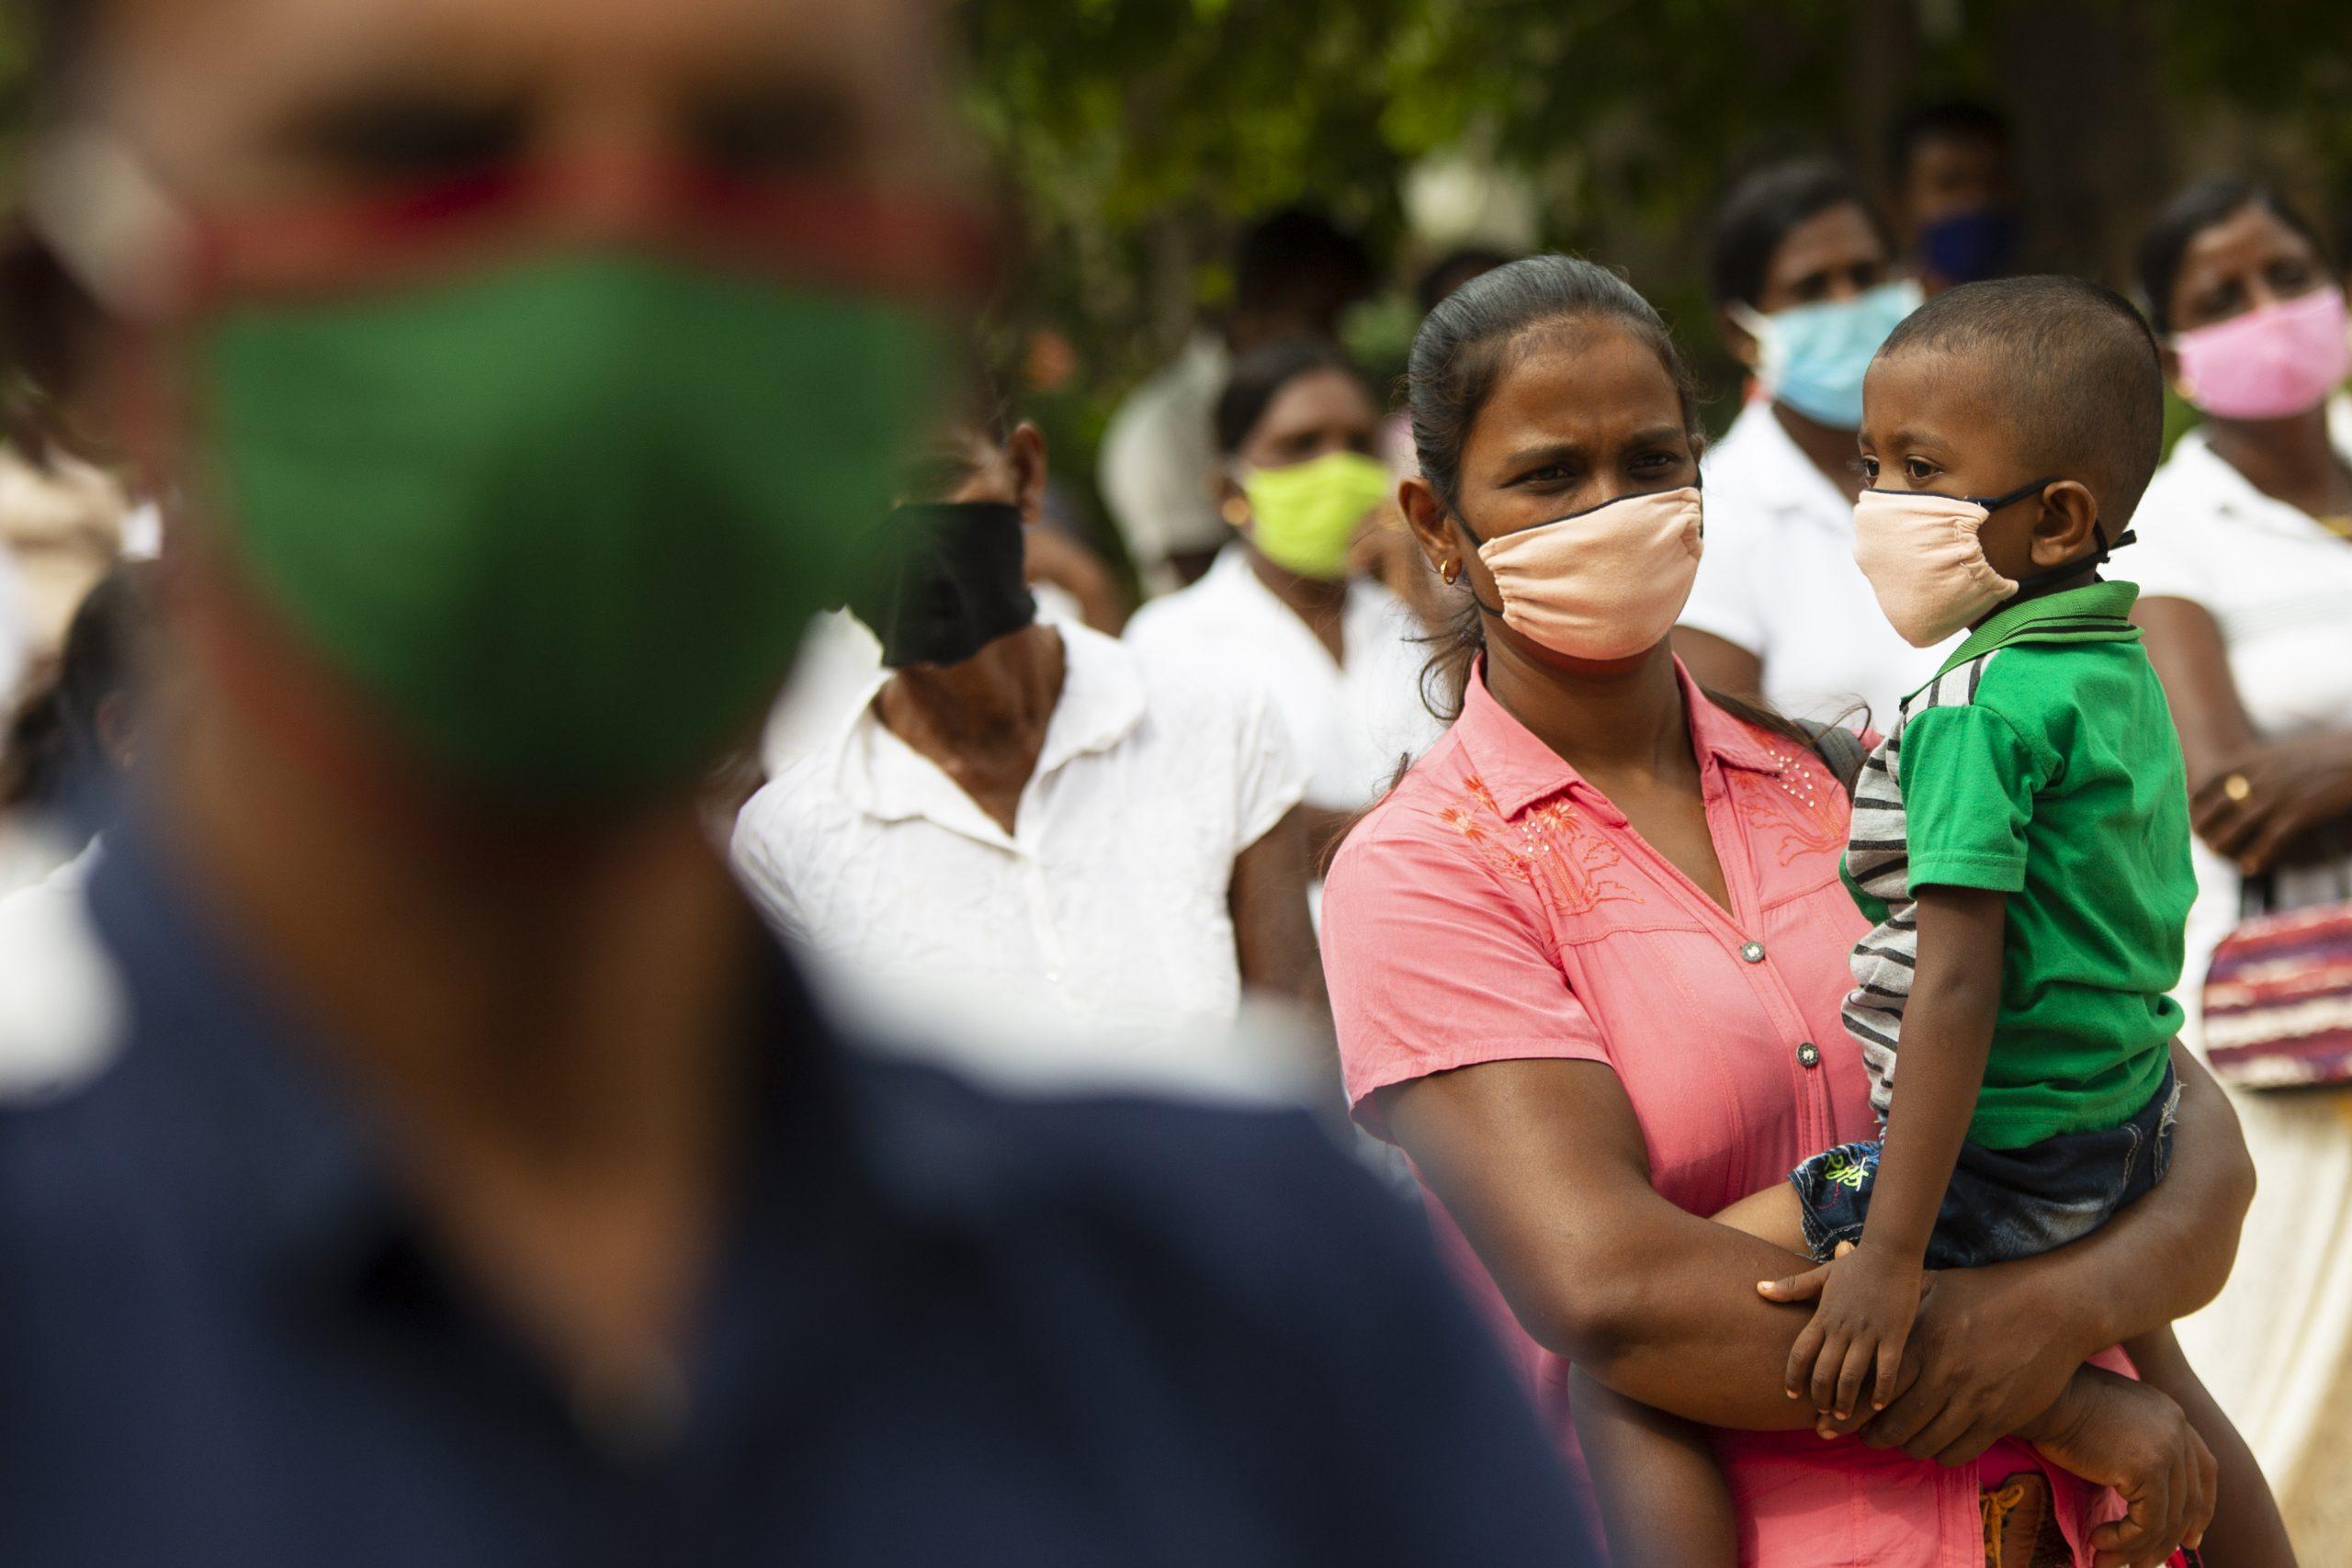 vida mães ano pandemia covid filhos